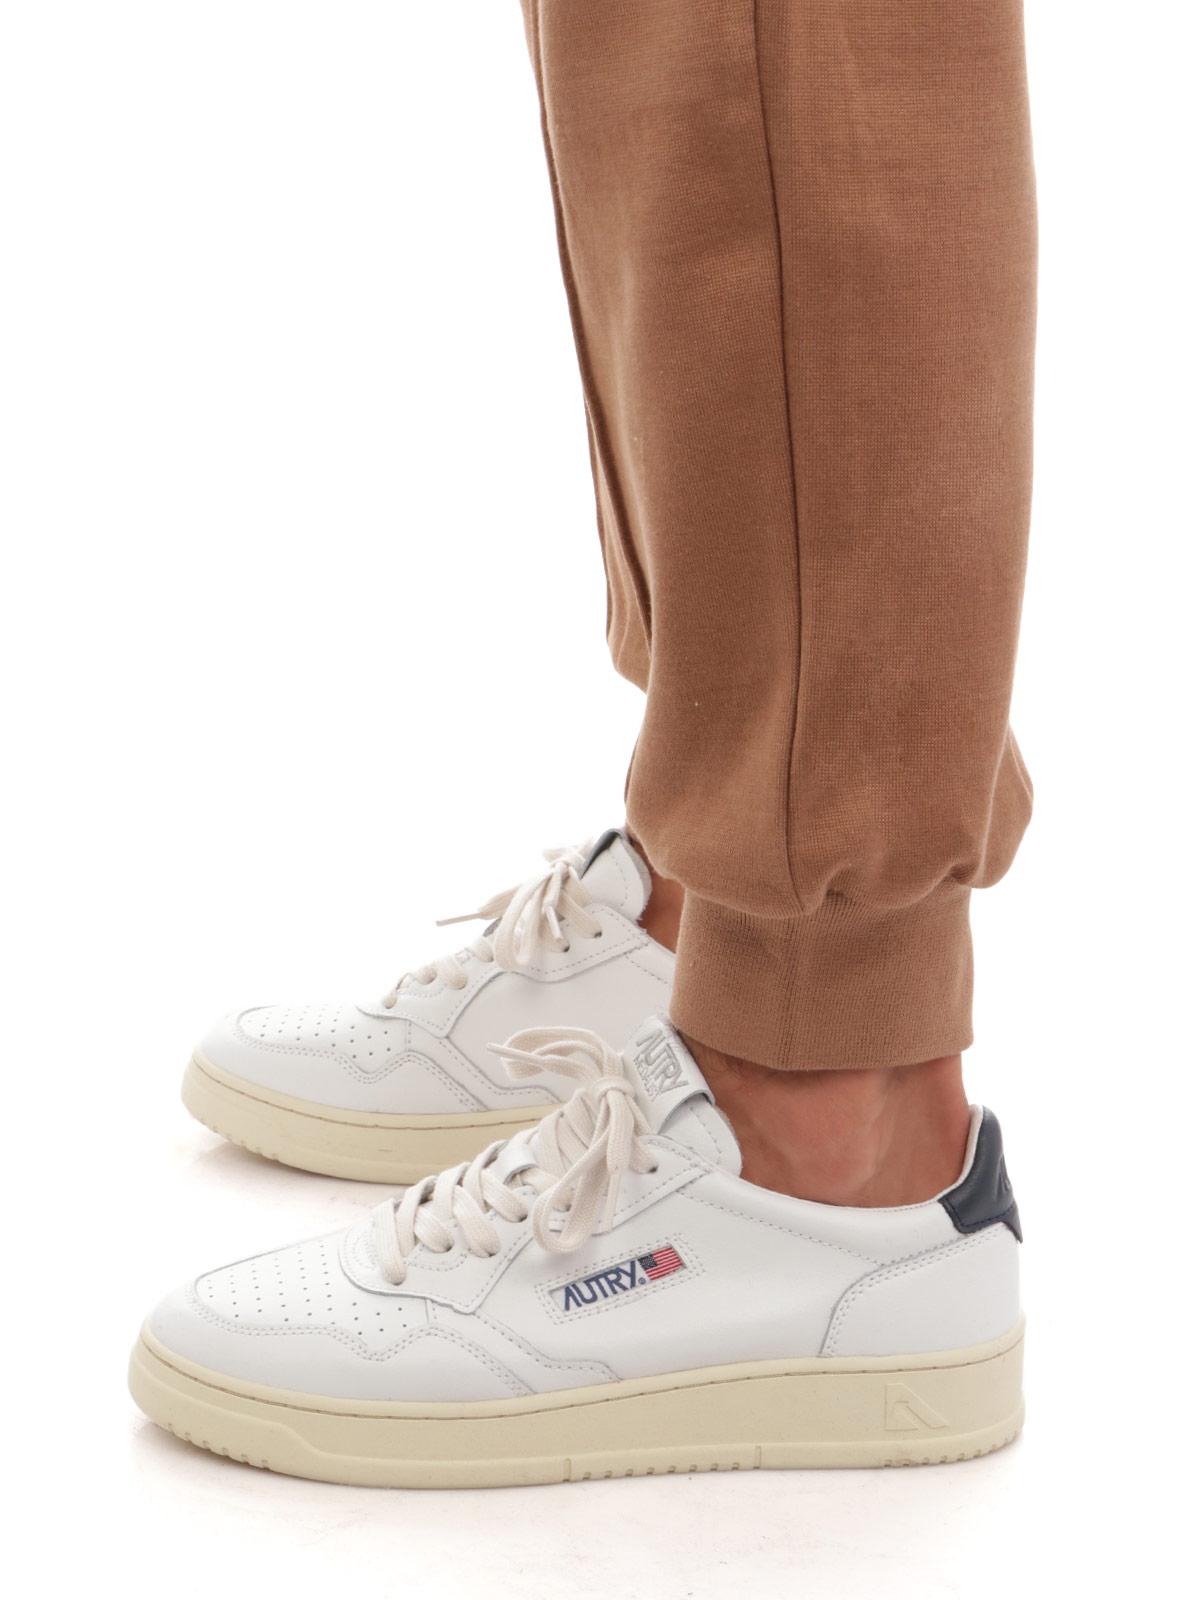 Immagine di Eleventy | Trousers Pantalone